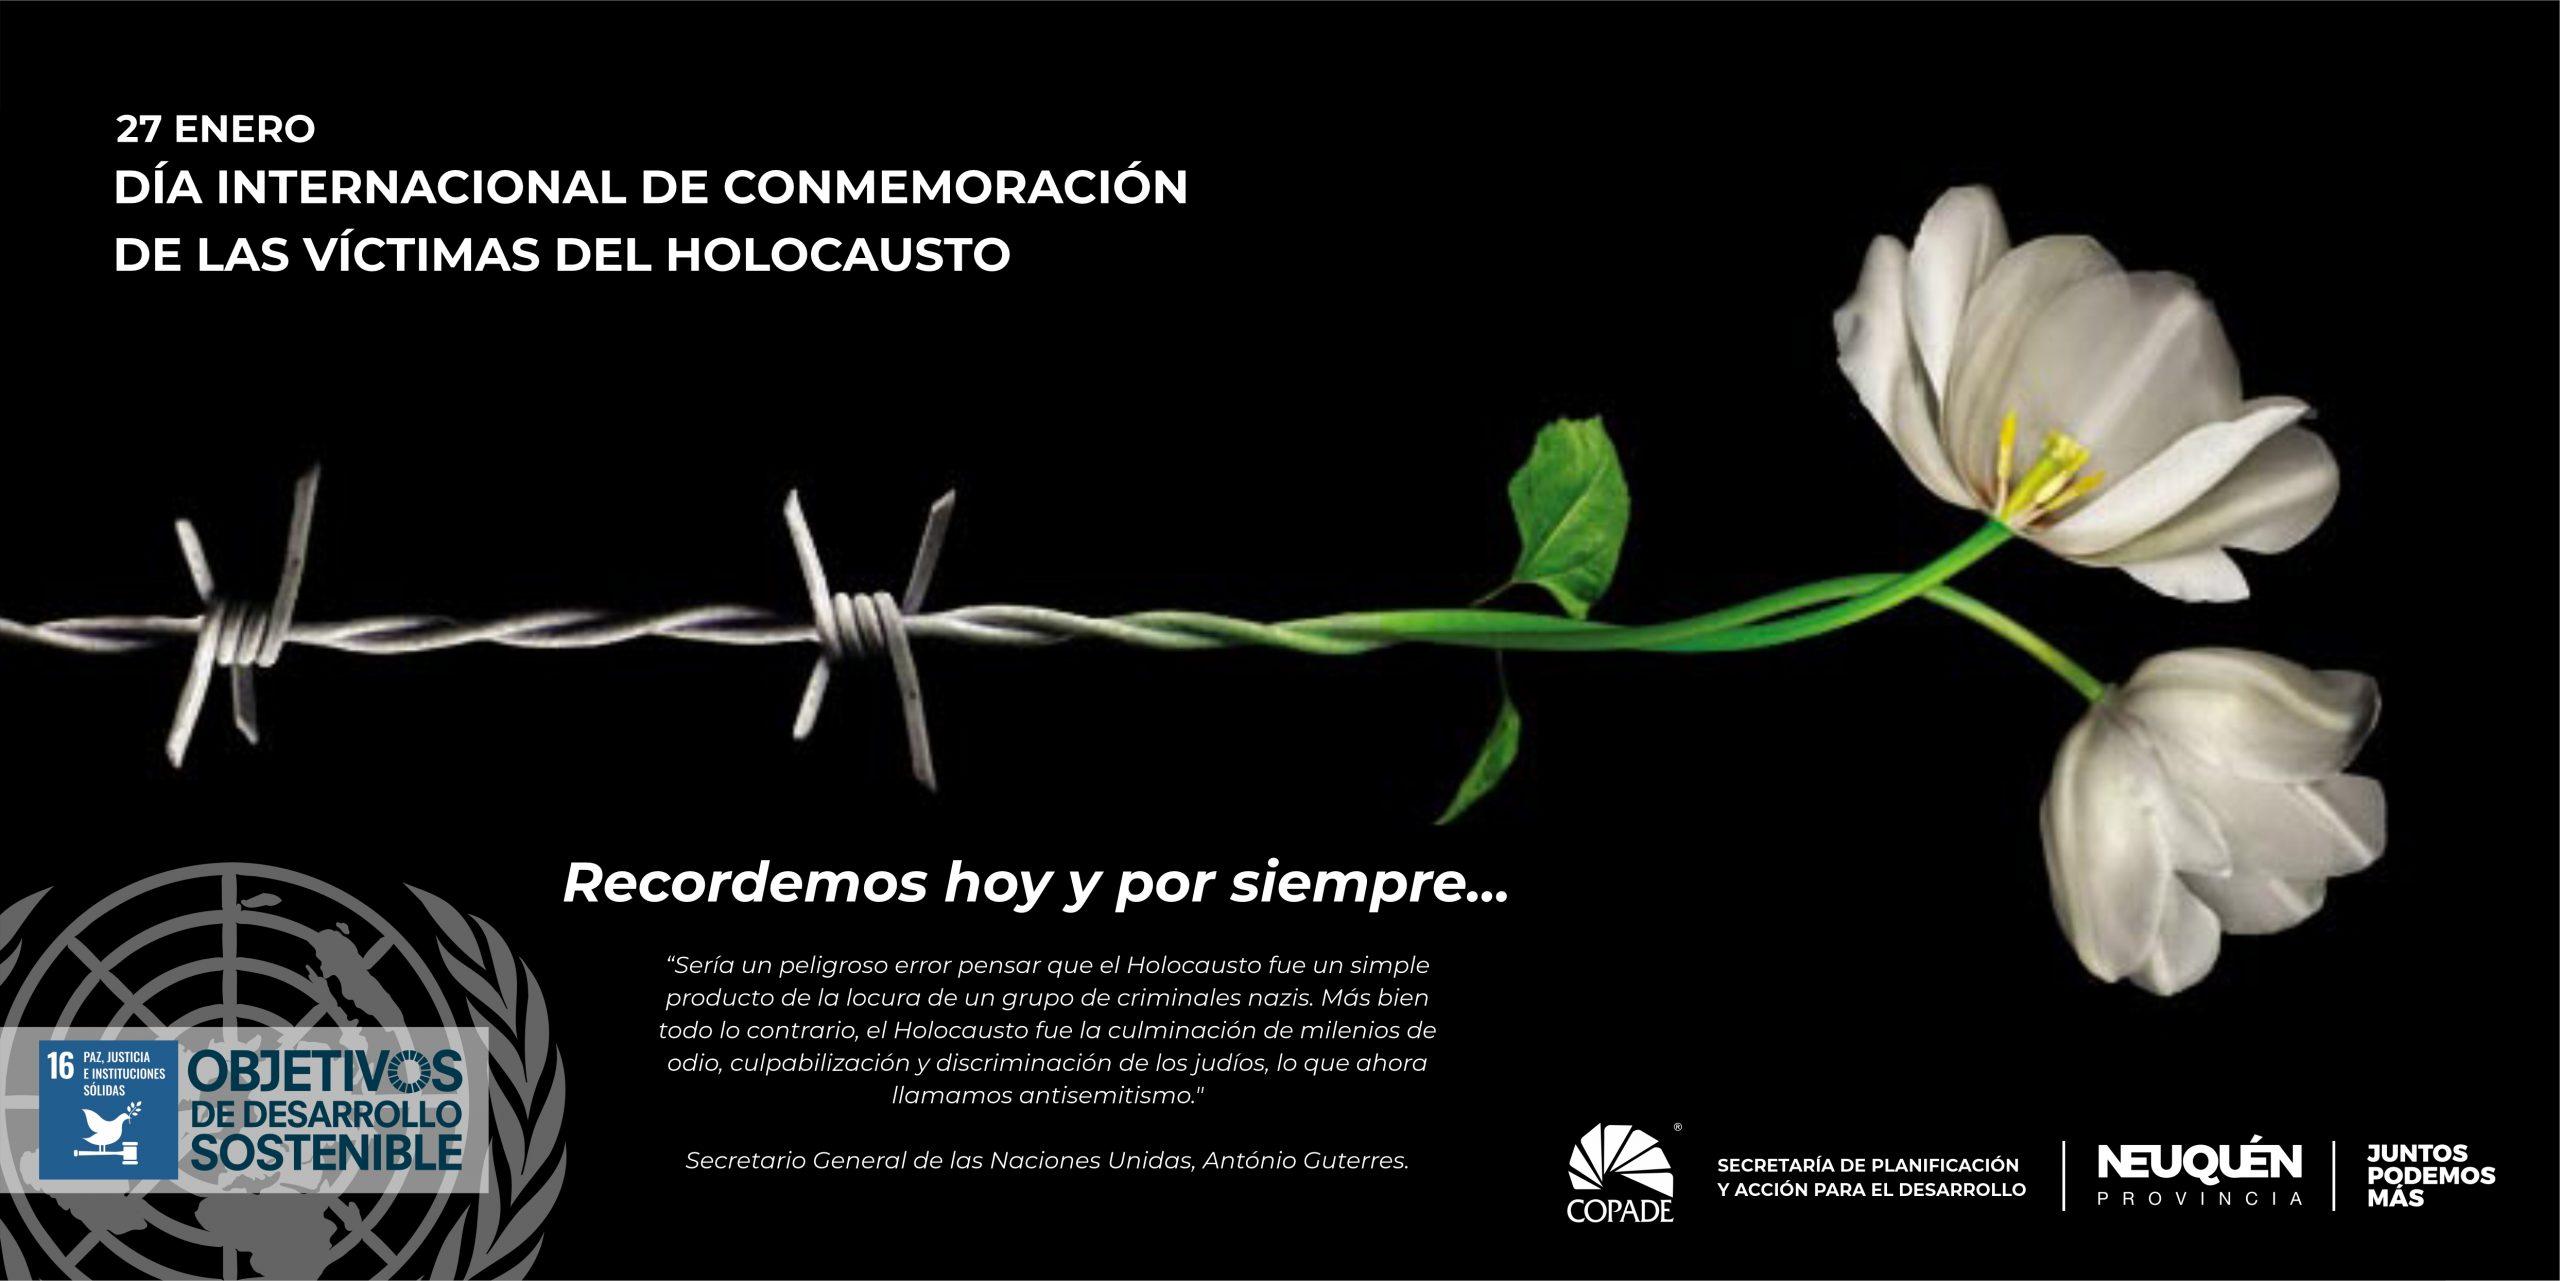 27 de Enero | Día Internacional en Memoria de las Víctimas del Holocausto | ONU